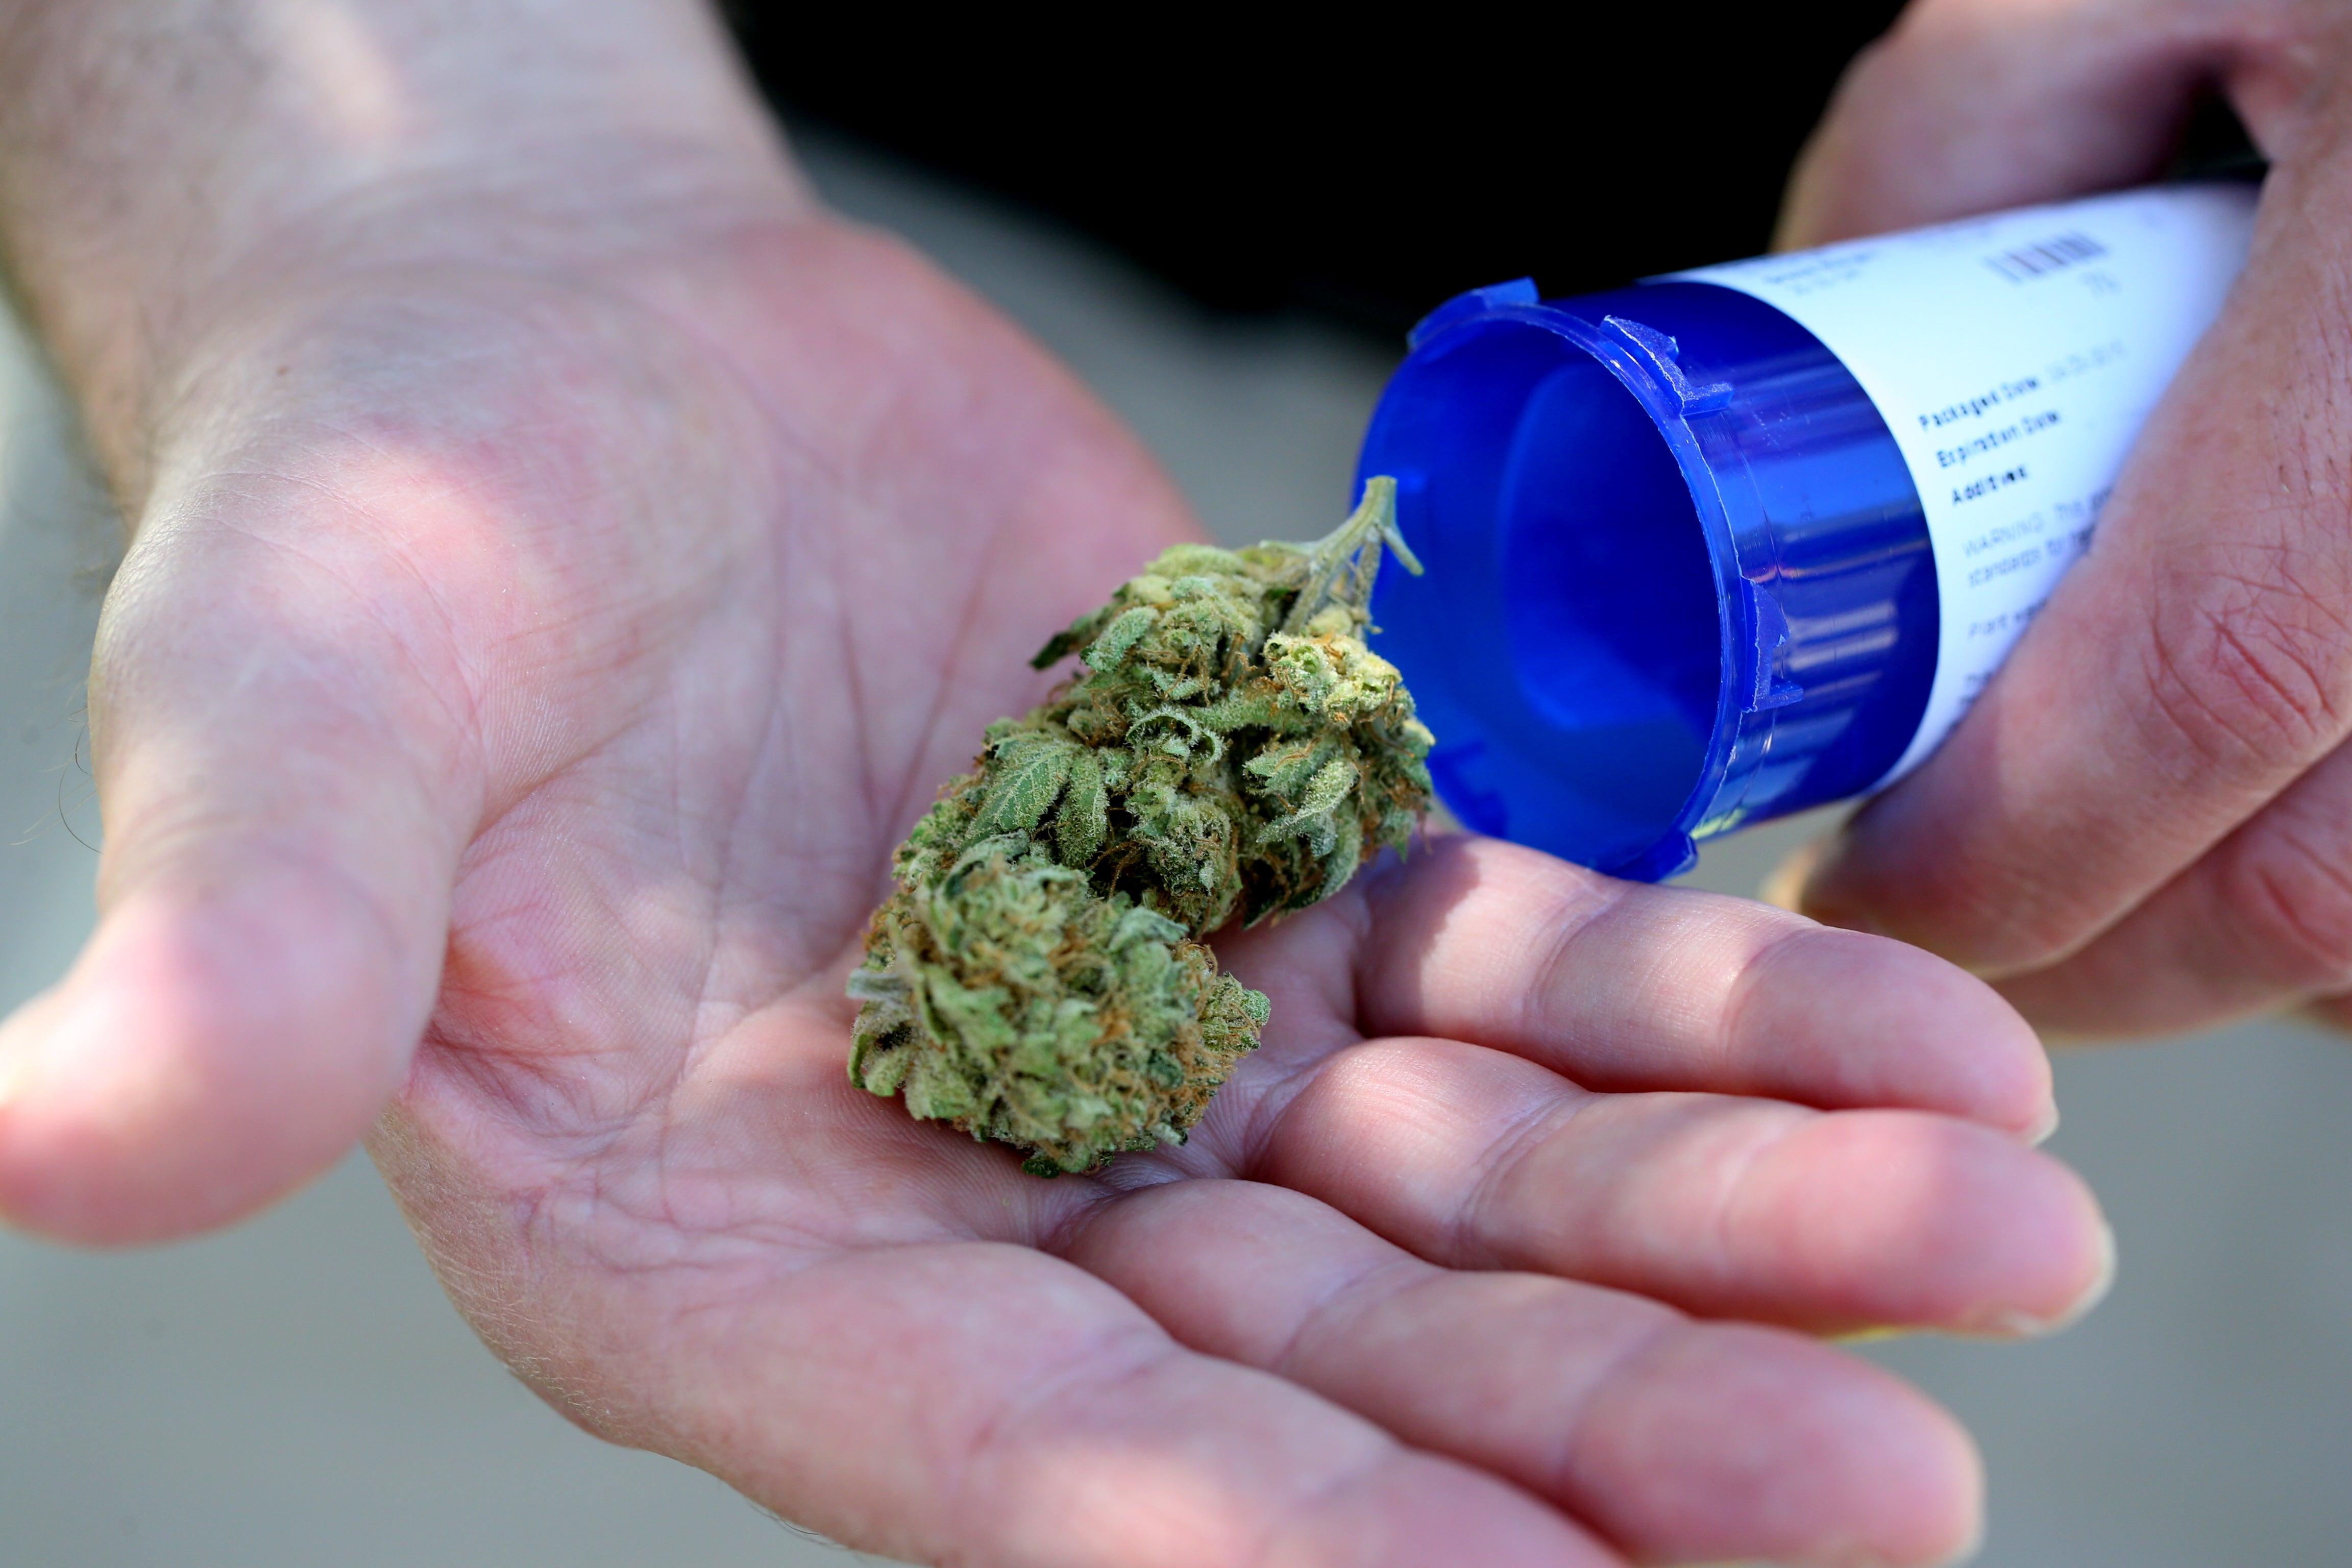 A Massachusetts patient shows off his medical marijuana.